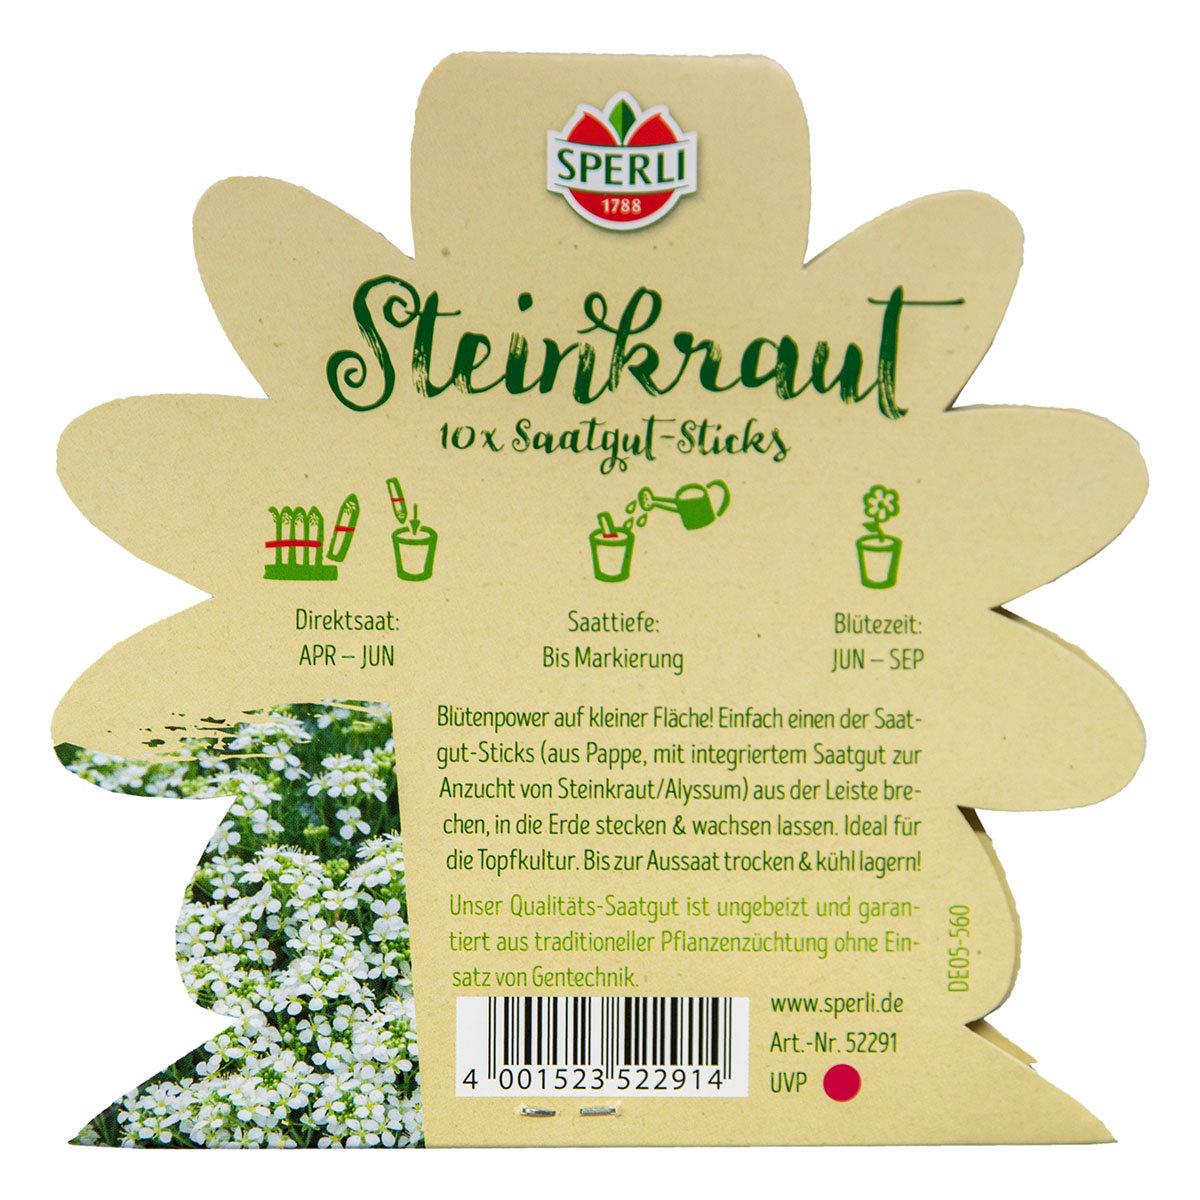 10 Saatgut-Sticks zur einfachen Anzucht, Steinkraut | #5